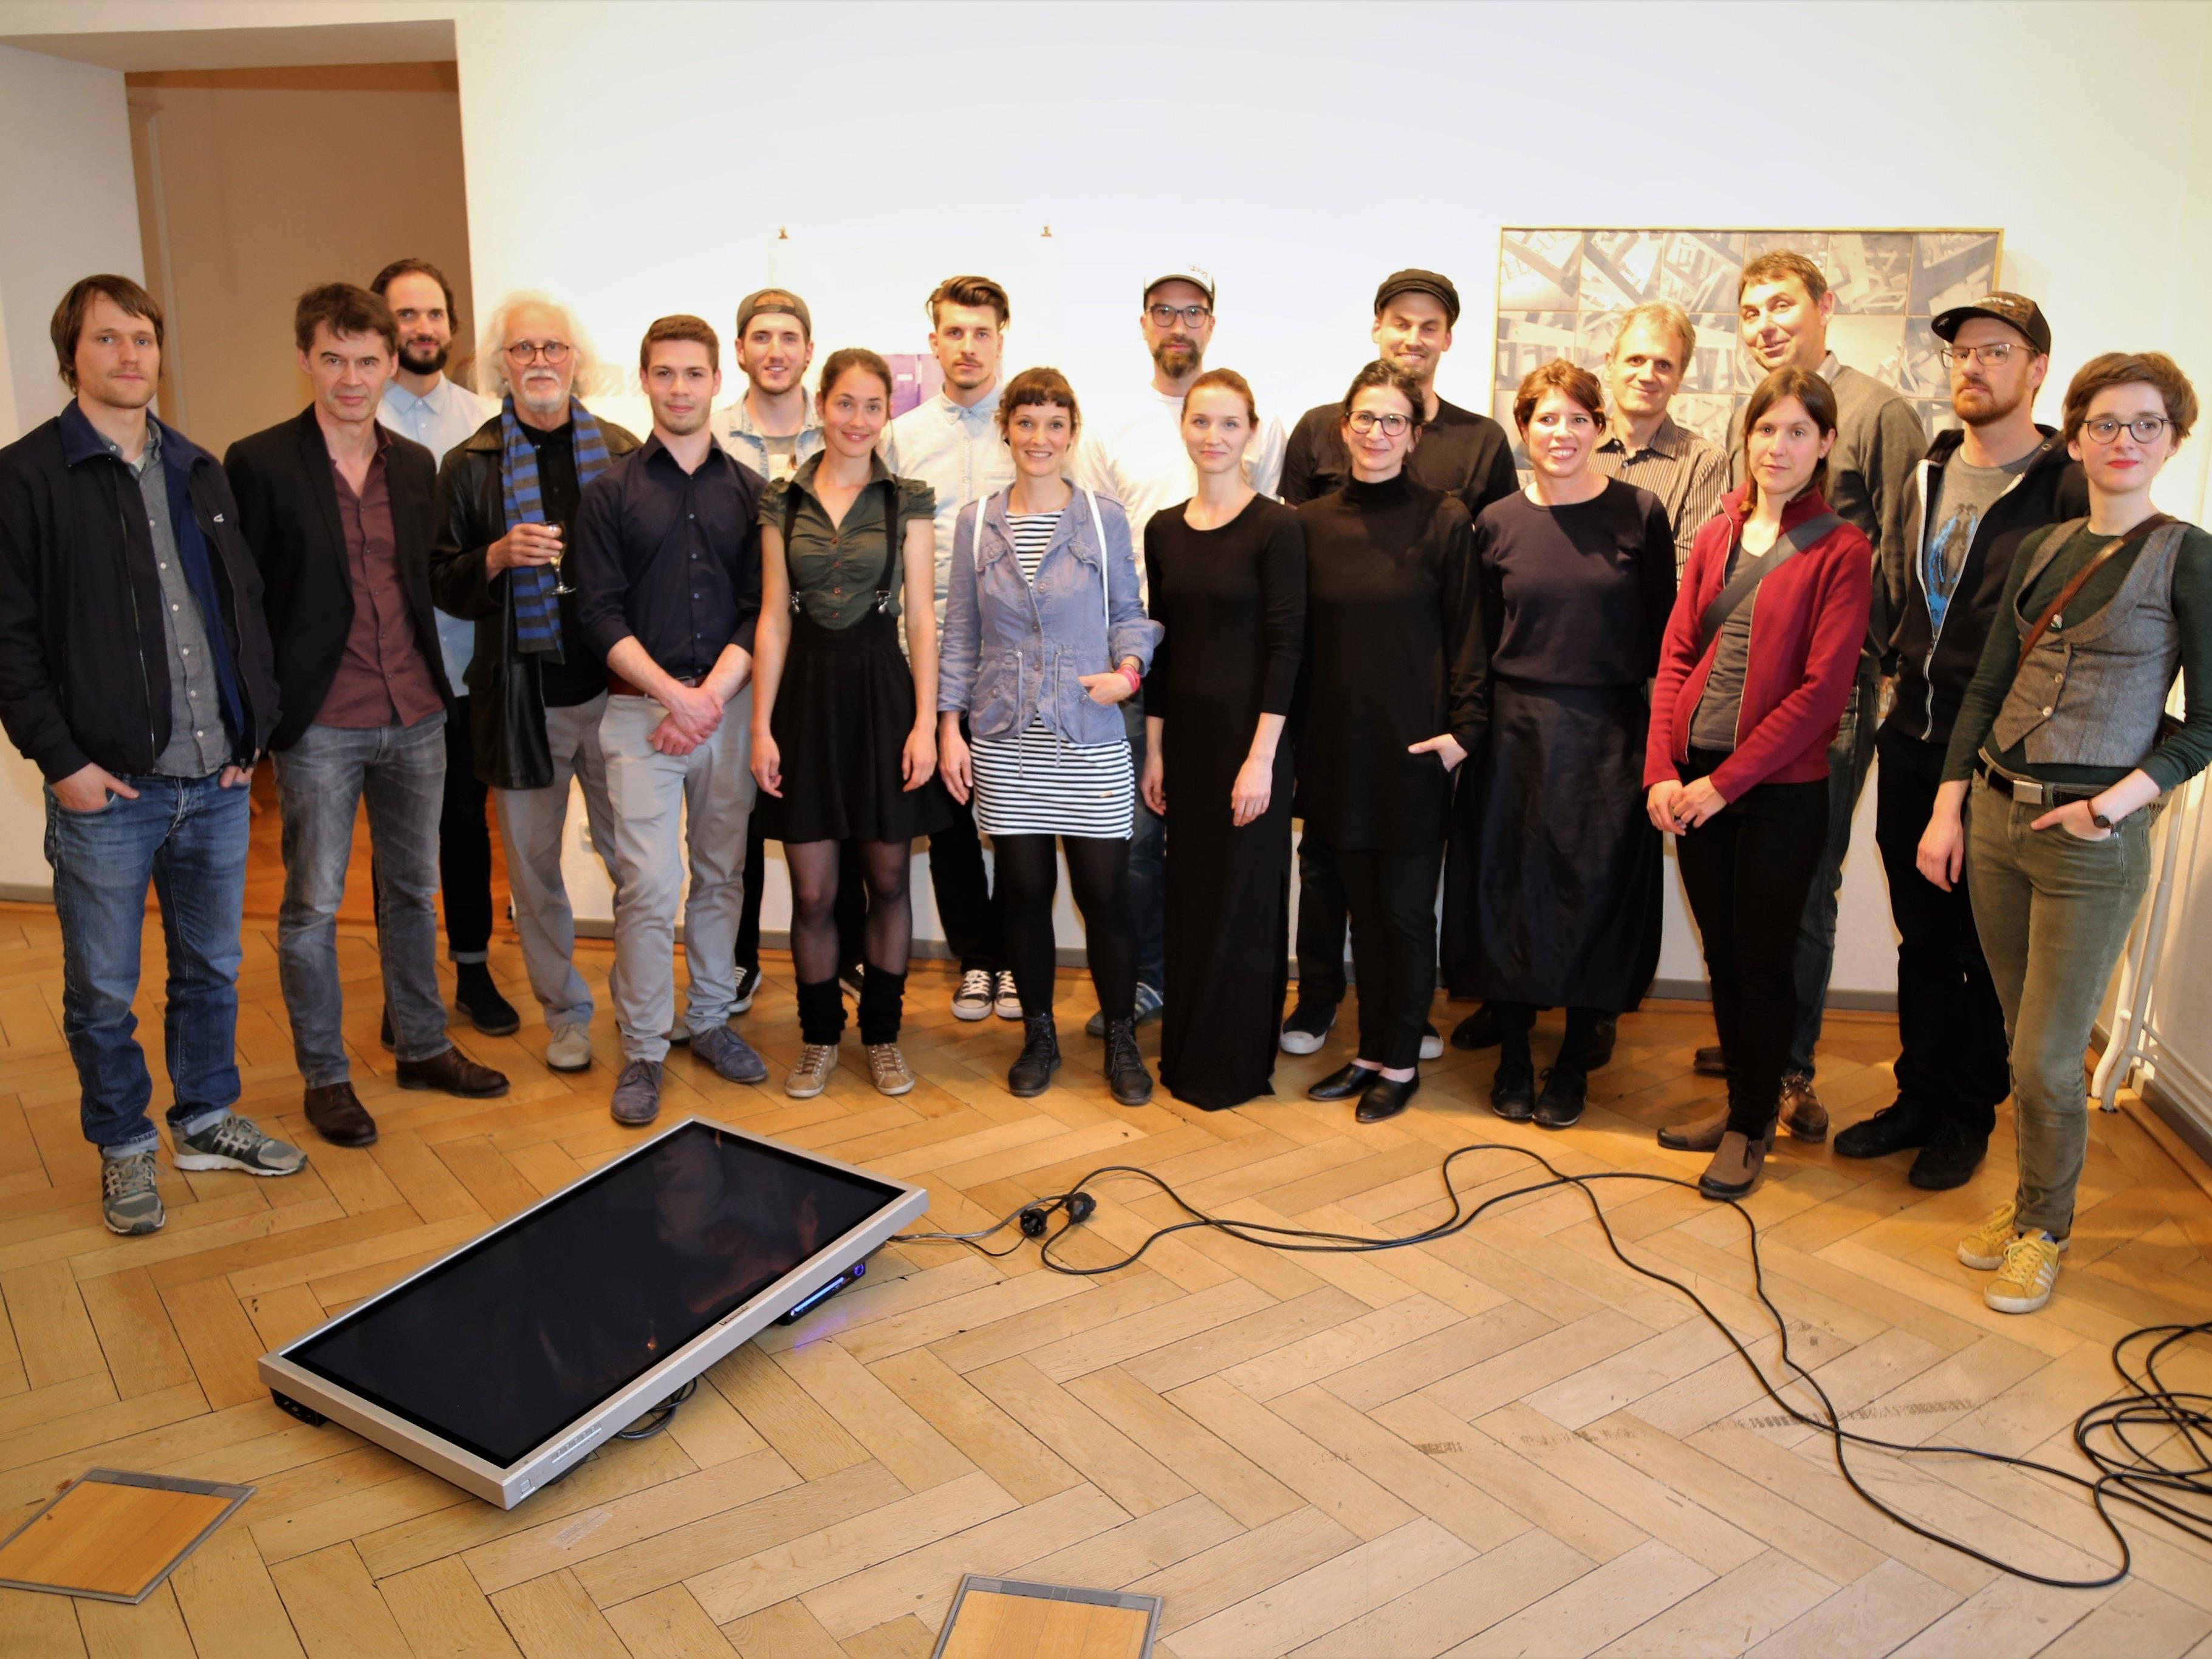 """Die 18 Künstler luden zur Eröffnung ihrer gemeinsamen Ausstellung """"Reproduktion""""  in die Villa Claudia."""